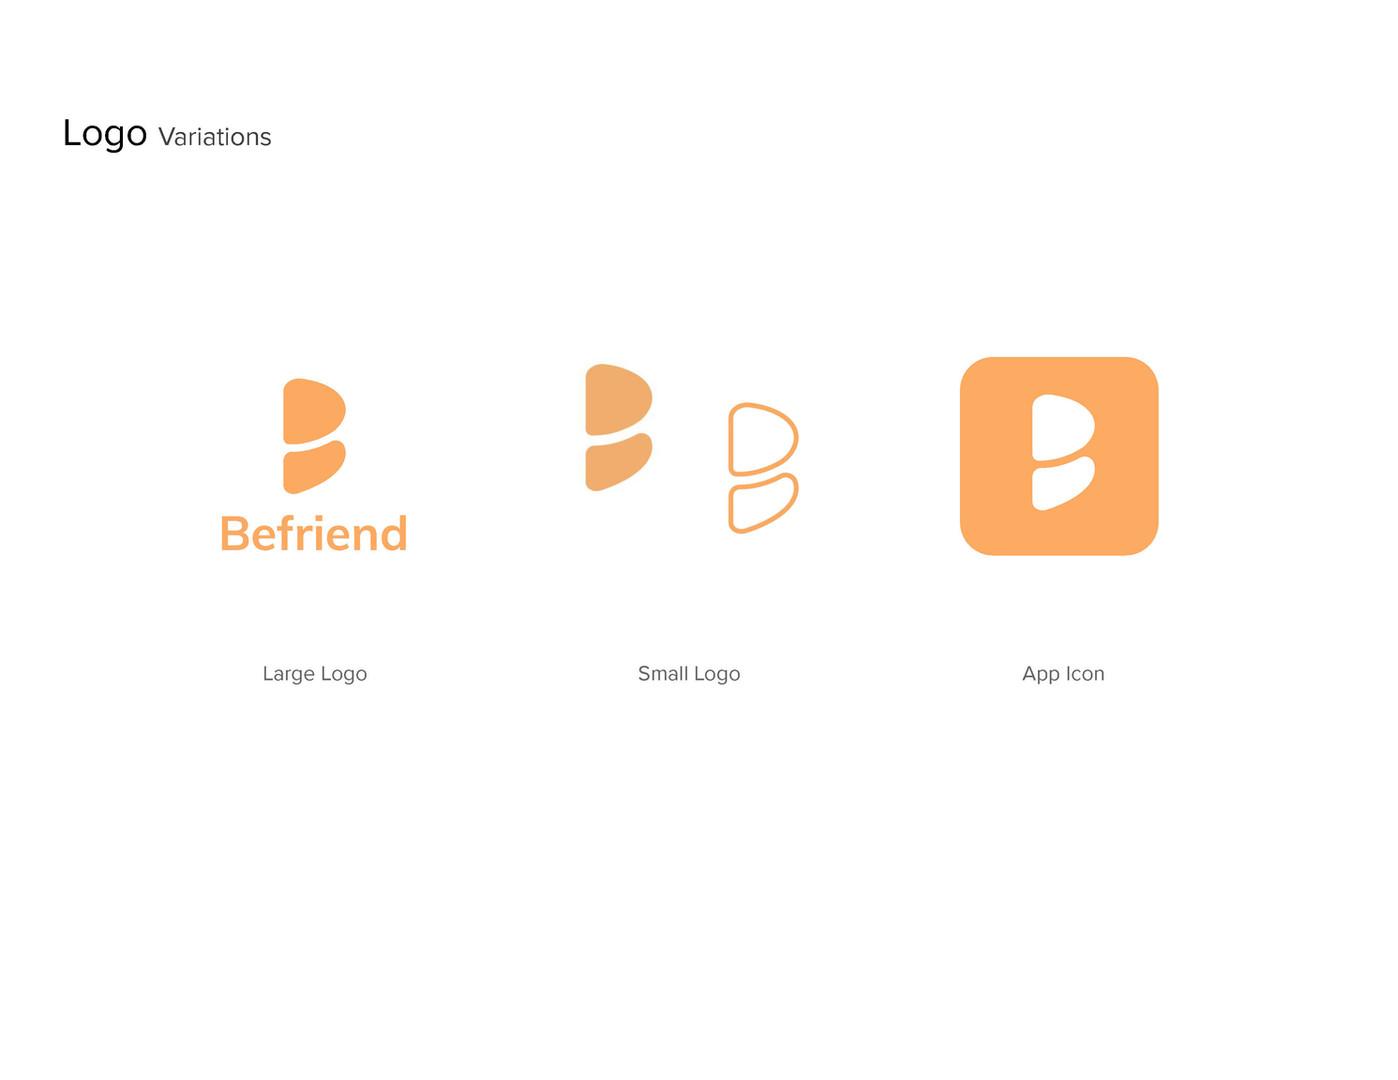 Befriend_StyleGuide_Page_05.jpg